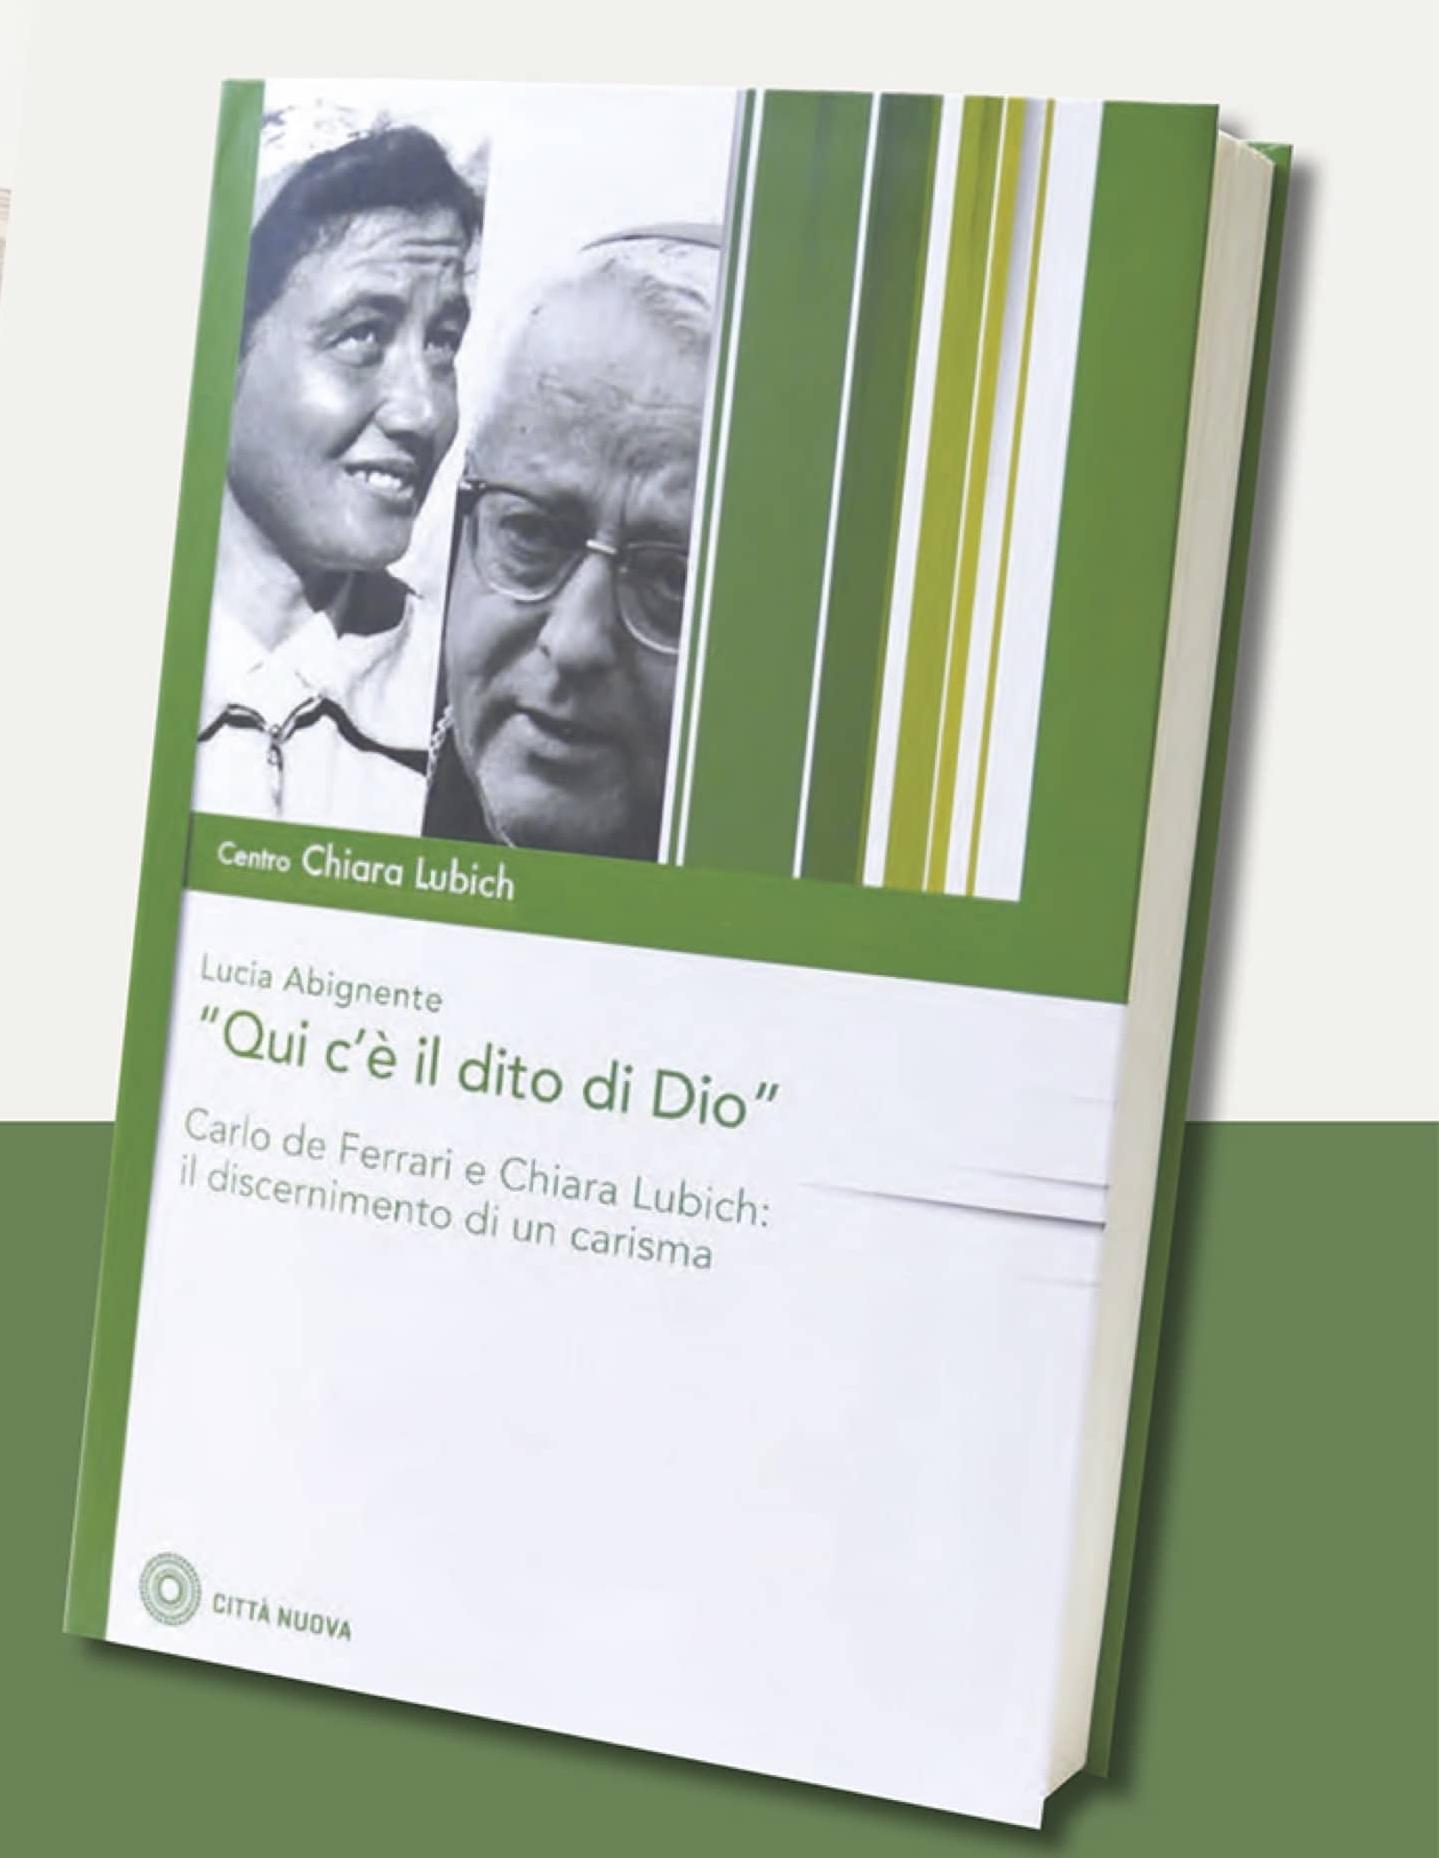 Chiara-Lubich-Carlo-de-Ferrari-02